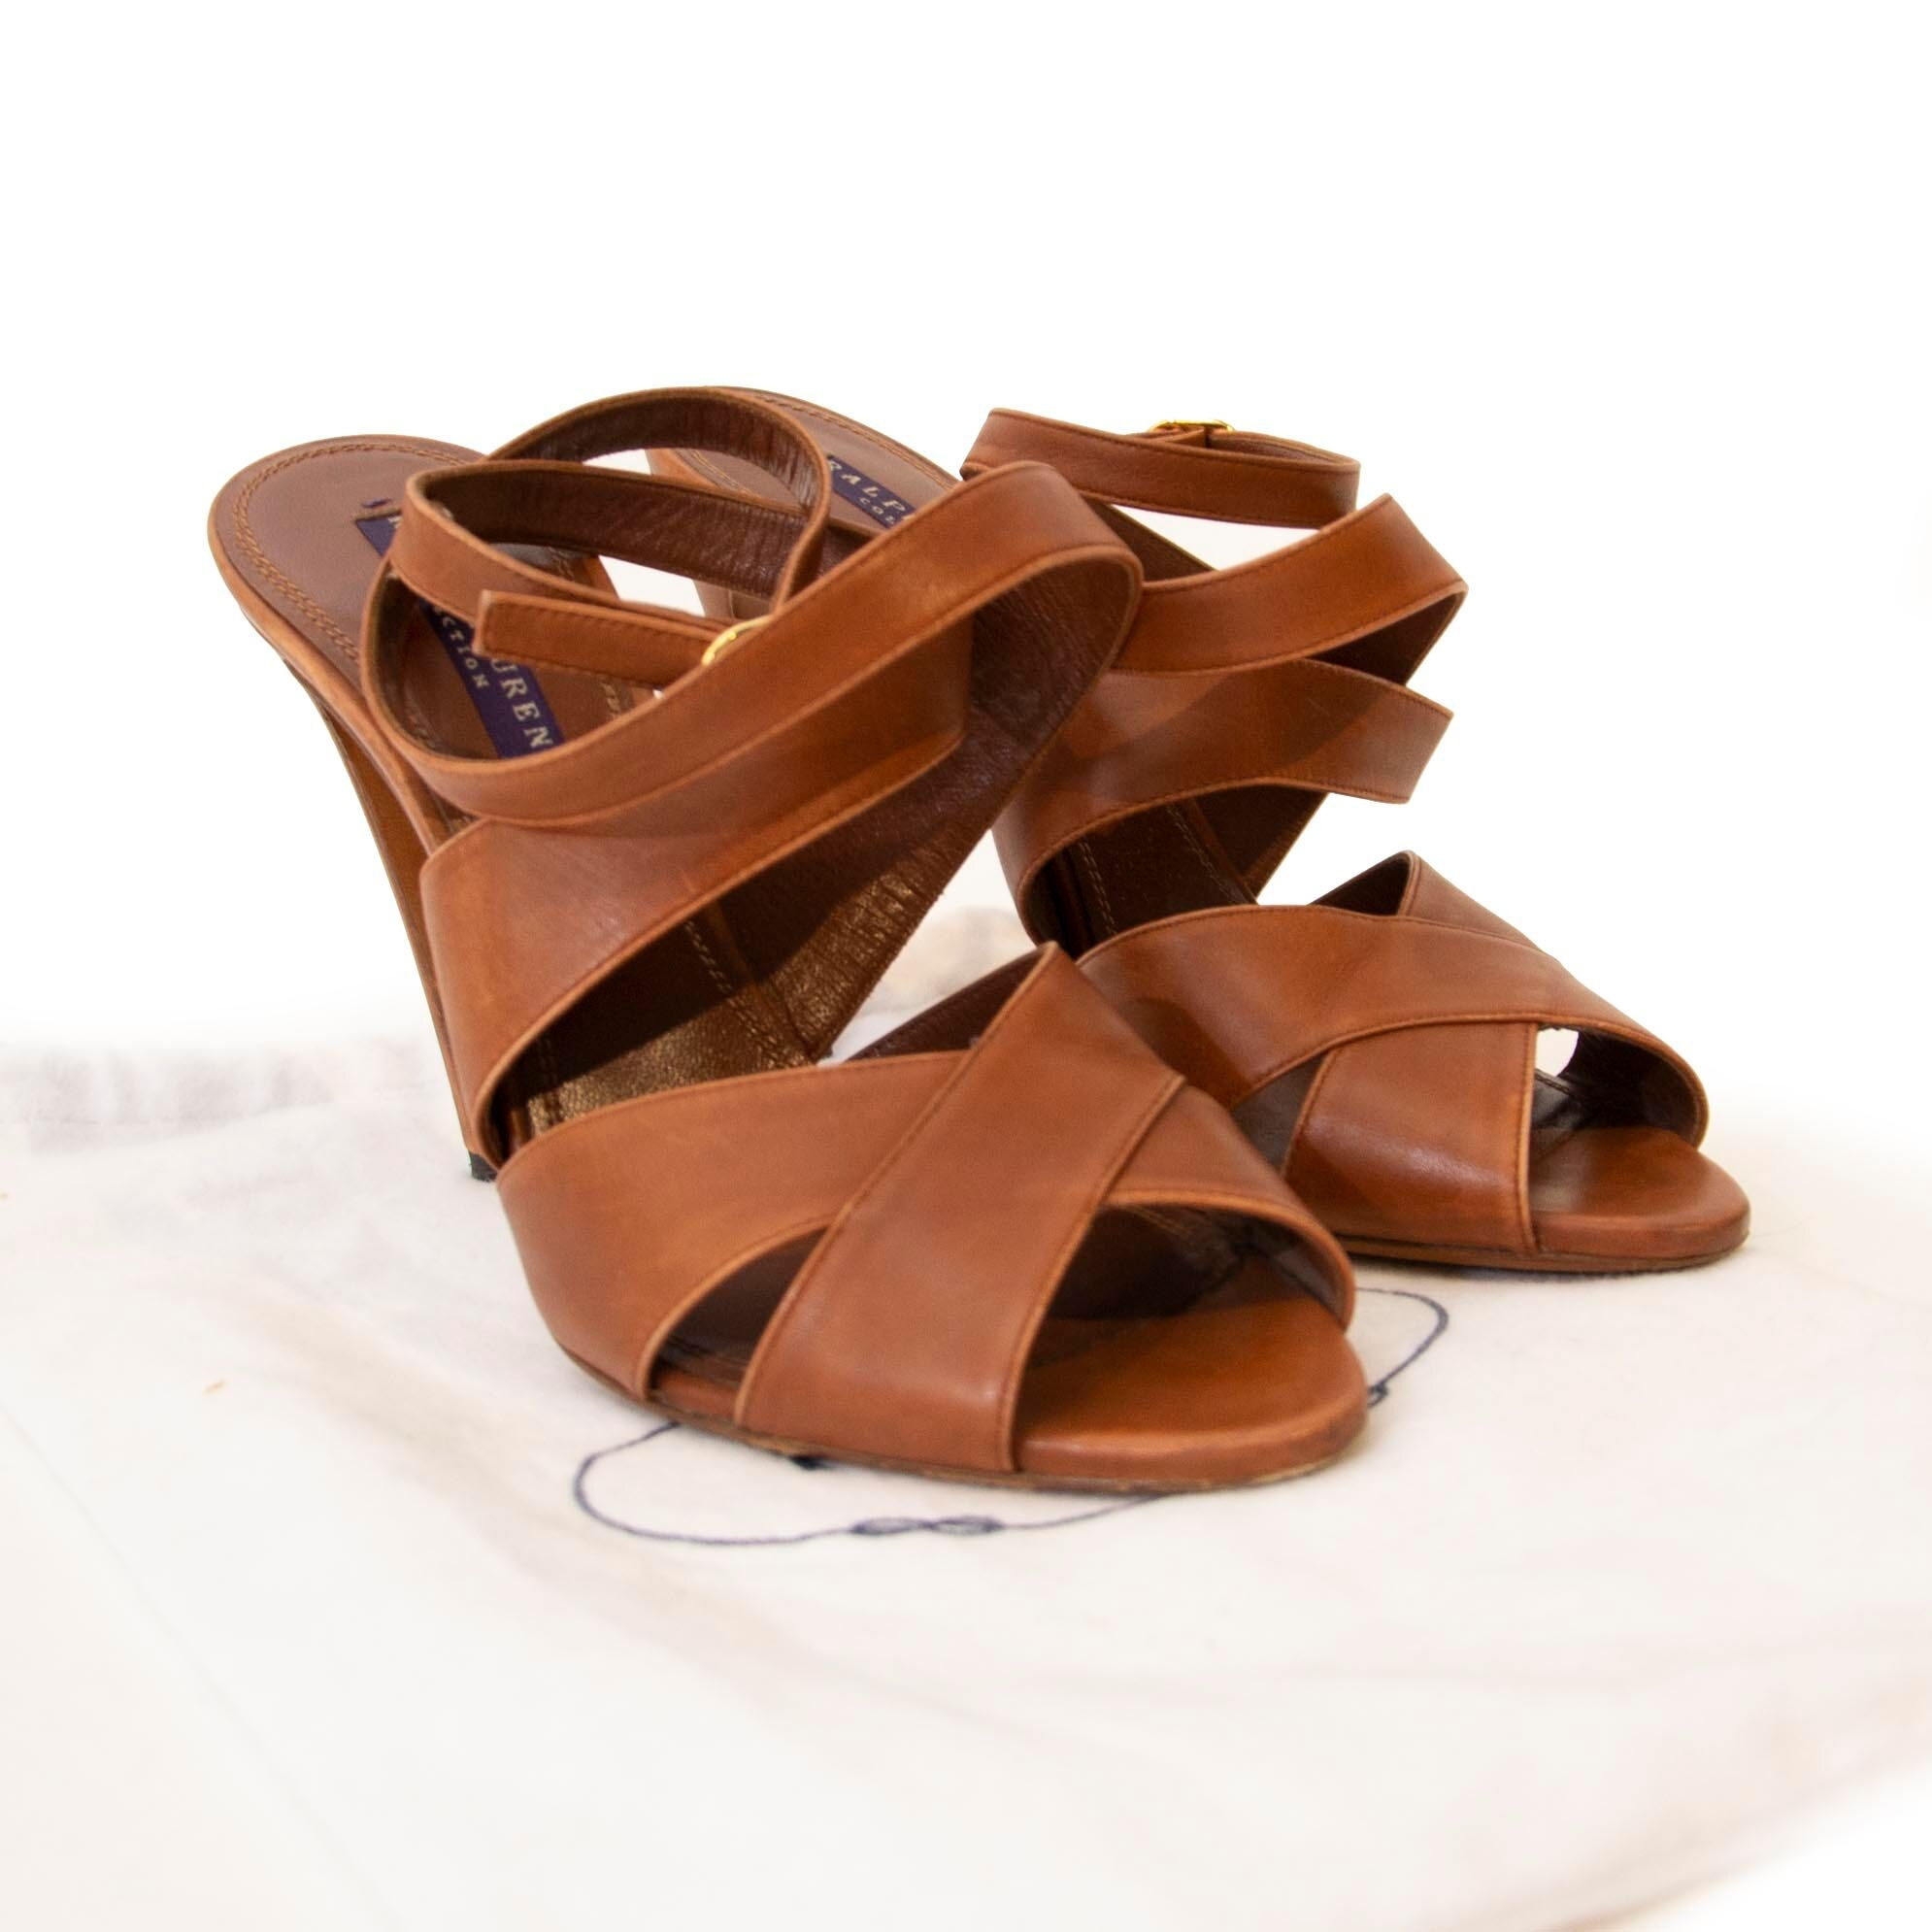 Koop authentieke tweedehands Ralph Lauren schoenen bij Labellov webshop.